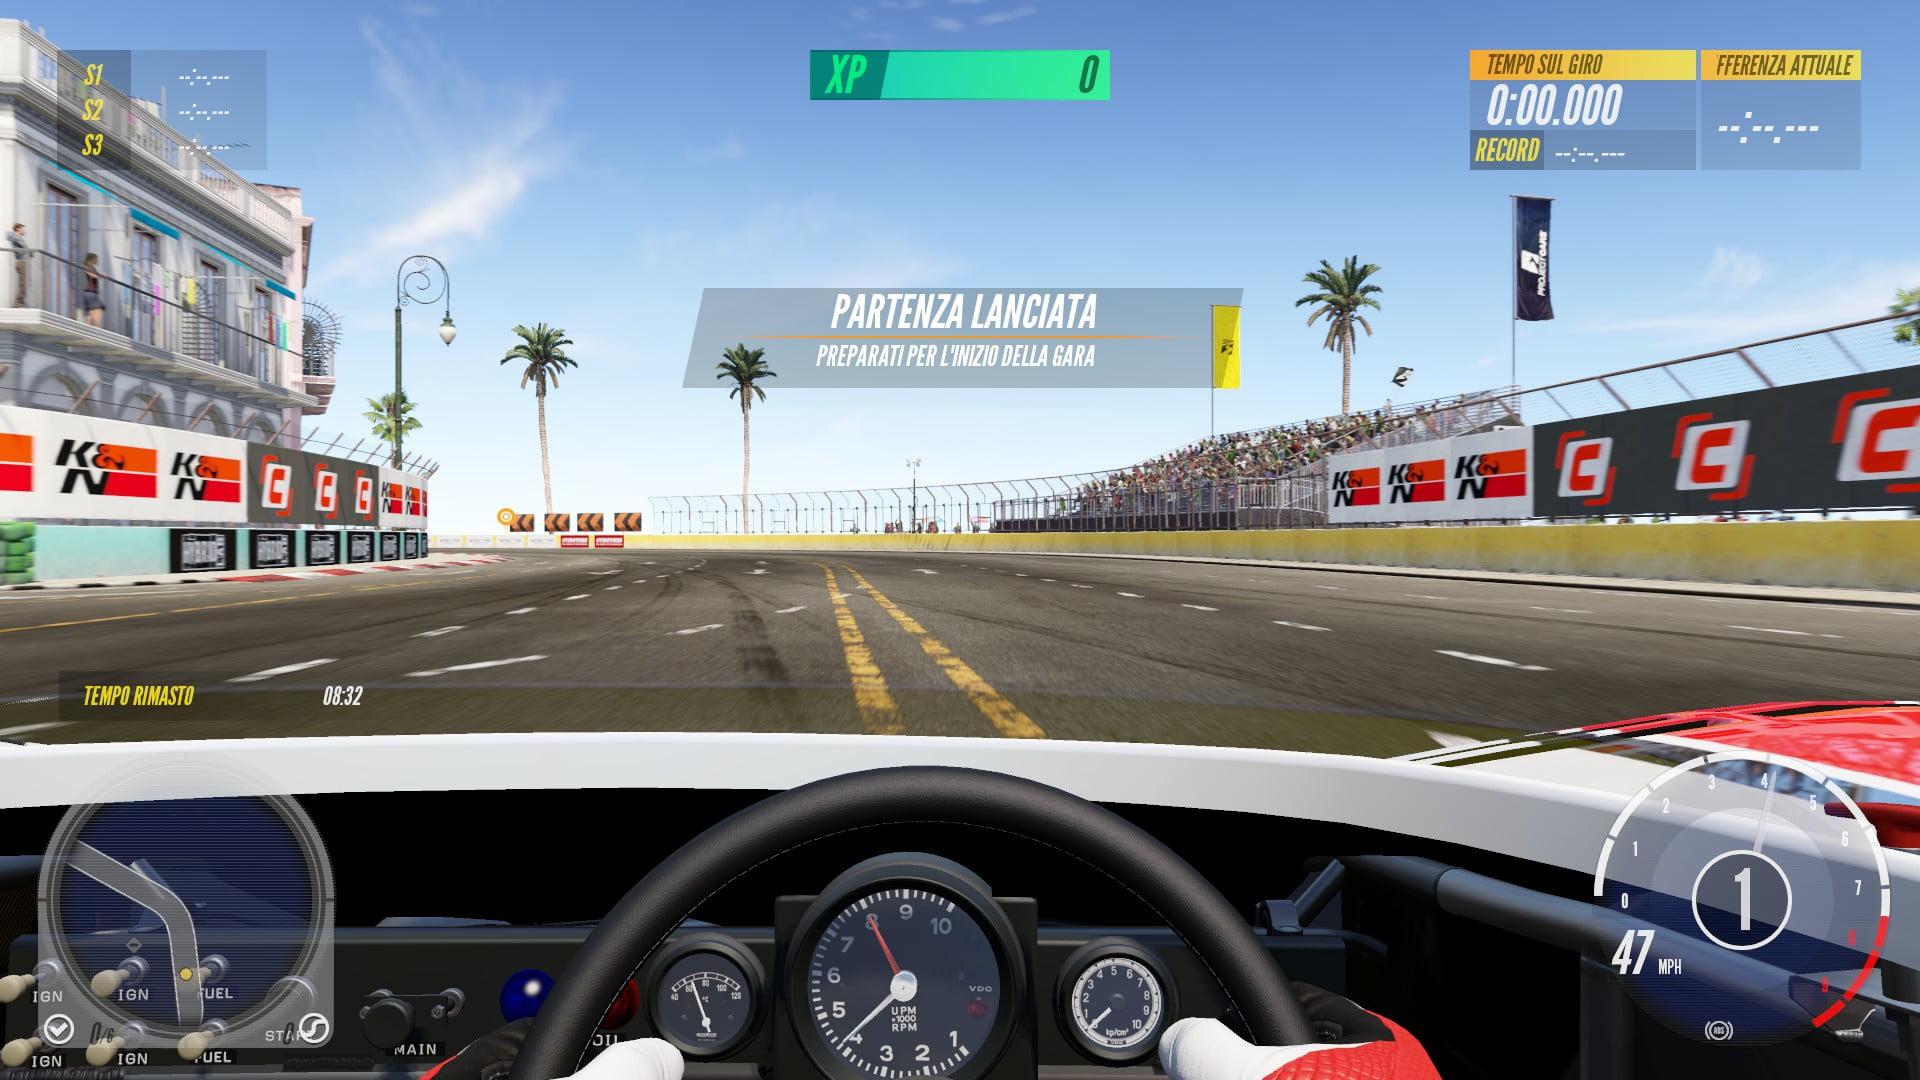 Project Cars 3 - Recensione Del Terzo Capitolo 1 - Hynerd.it